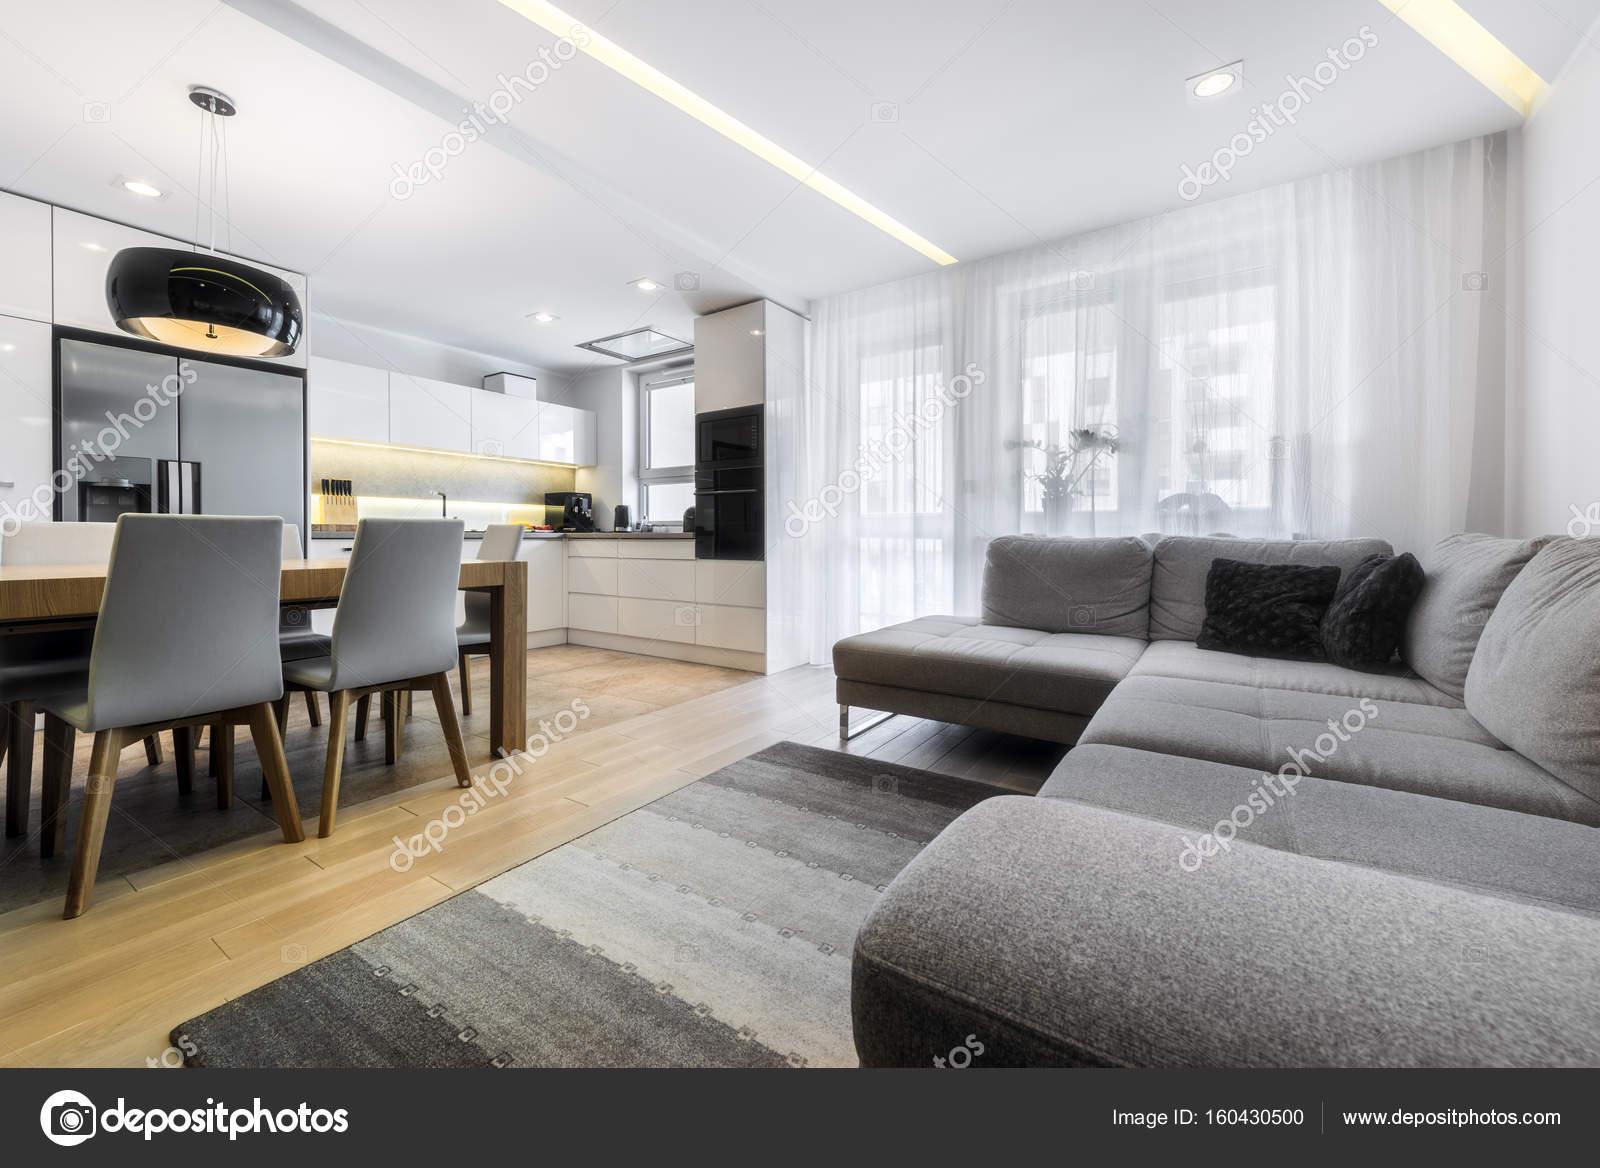 Moderne woonkamer en keuken u2014 stockfoto © jacek kadaj #160430500